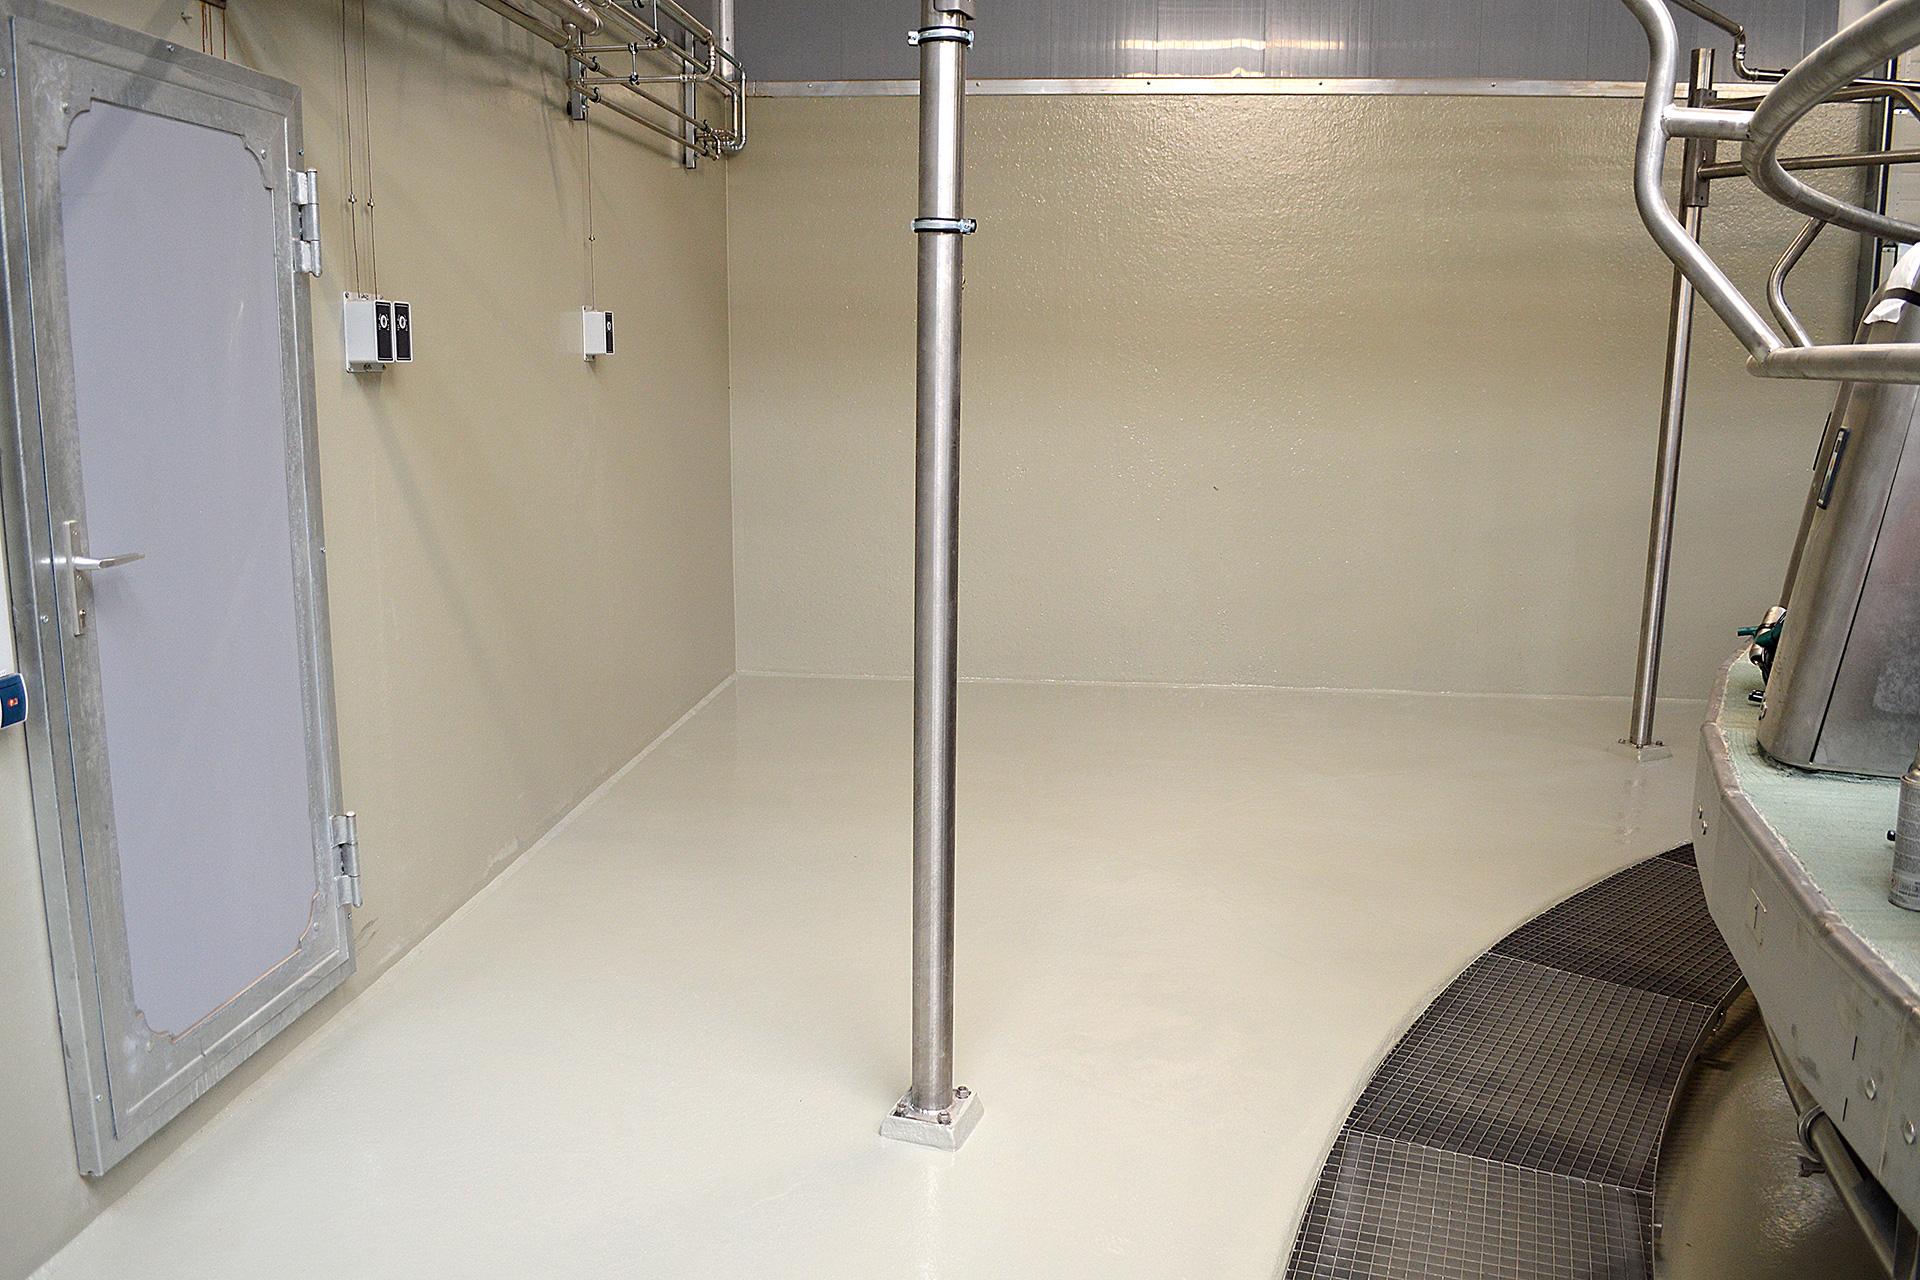 Referenz Boden- und Wandbeschichtung, Bild 0040